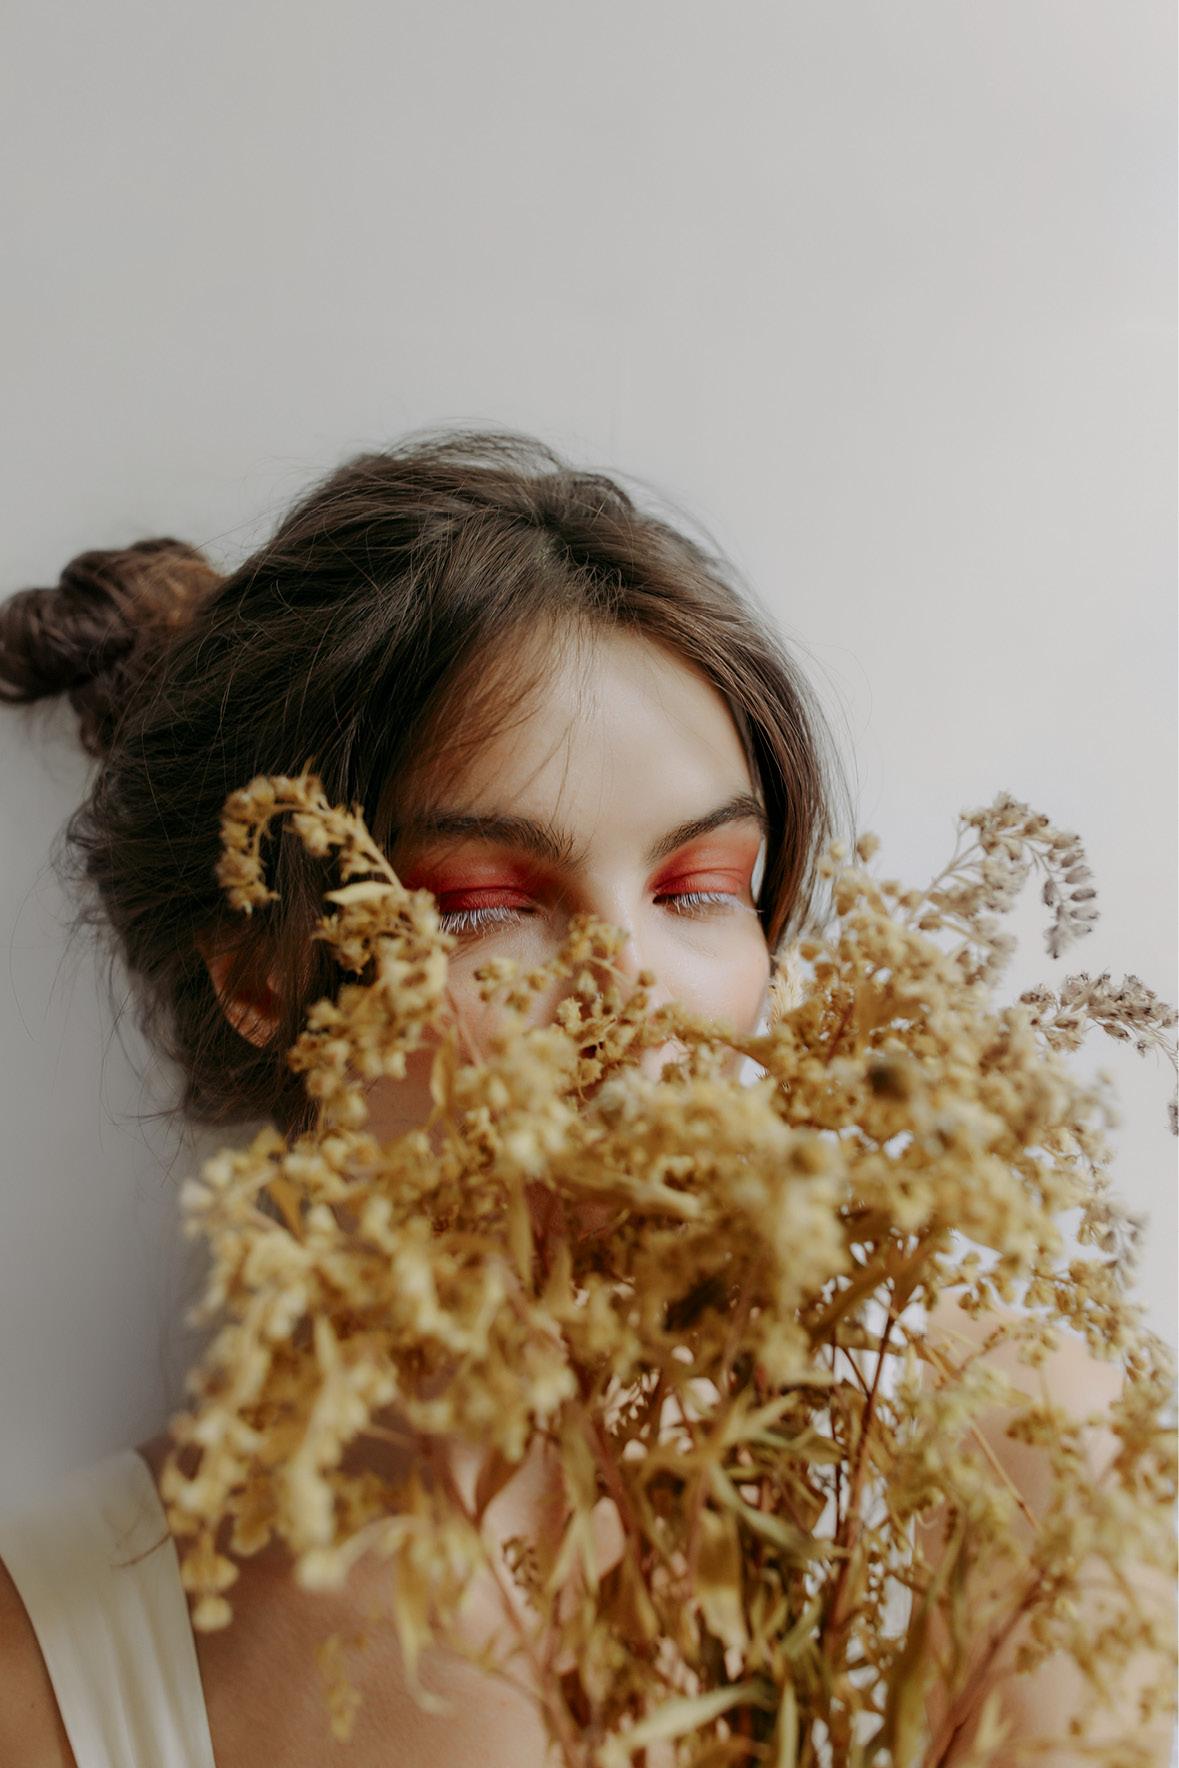 mulher branca com cabelo castanho preso em um coque está maquiada com sombra laranja e rímel branco. Ela segura um buquê de flores secas em frente ao rosto